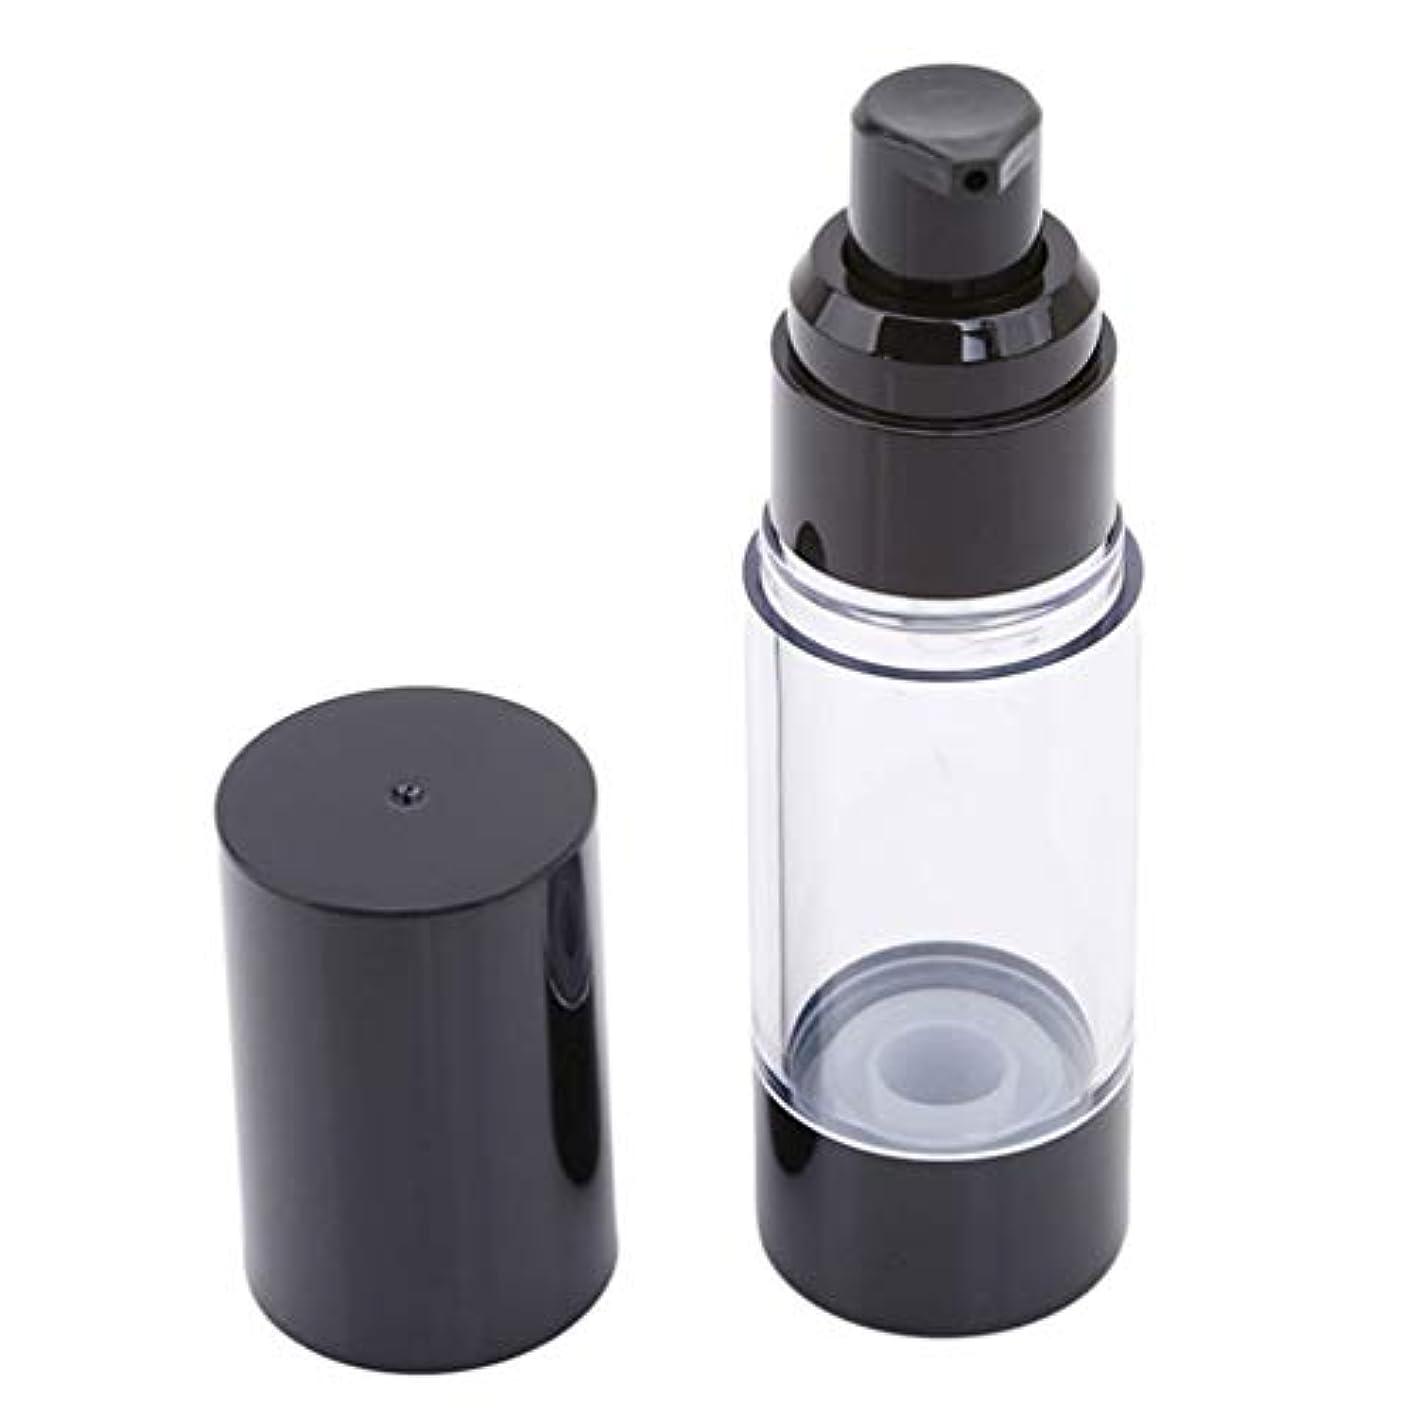 麦芽ジレンマストリップLJSLYJ 真空ポンプ化粧品ボトル旅行ポータブルBBクリームファンデーションプレスミニエマルジョンスプレー空のボトル、30ミリリットル